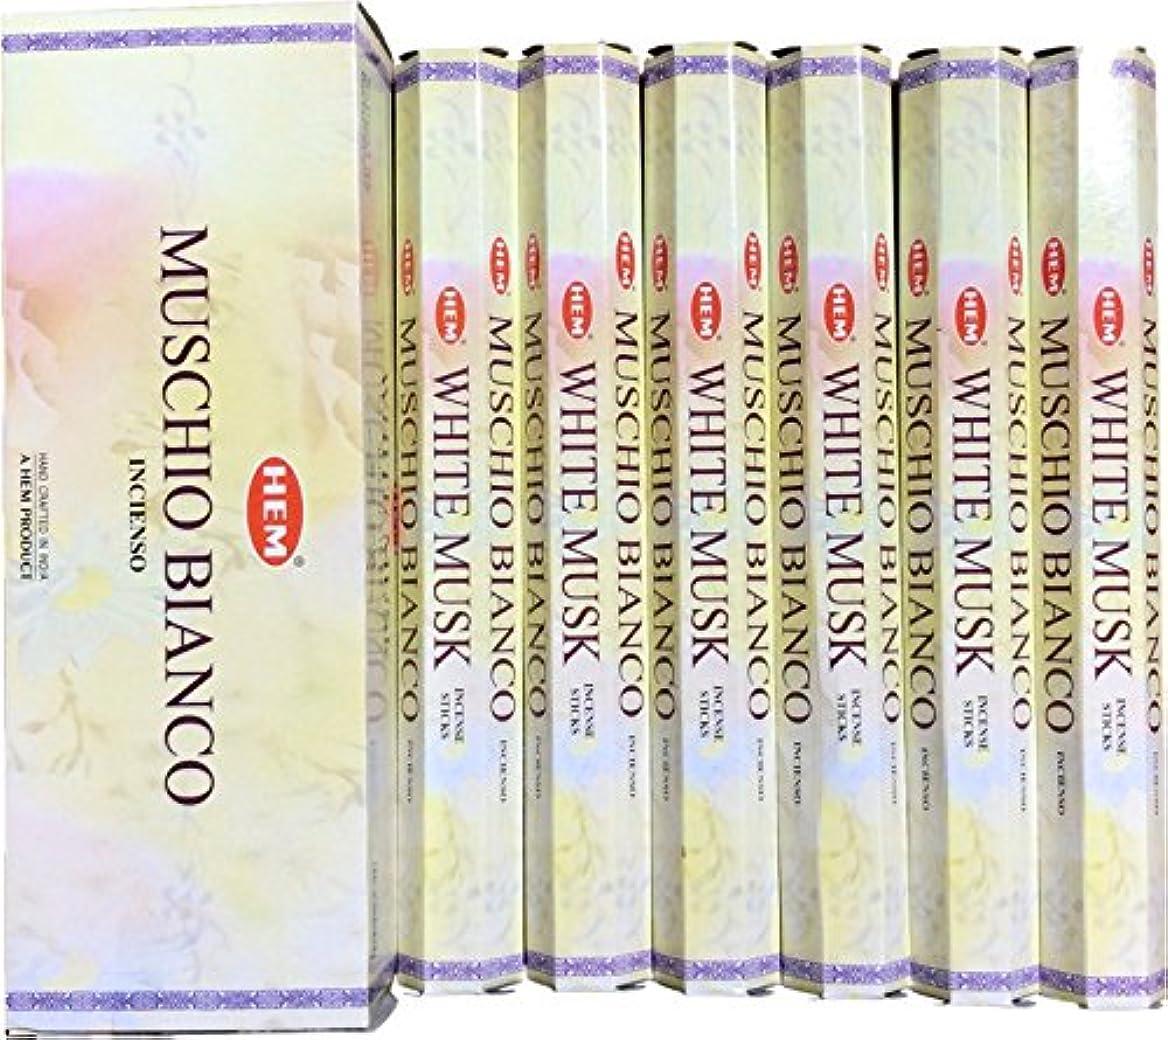 変色する長々と破壊するHEM ヘム ホワイトムスク WHITEMUSK ステック お香 6本 セット